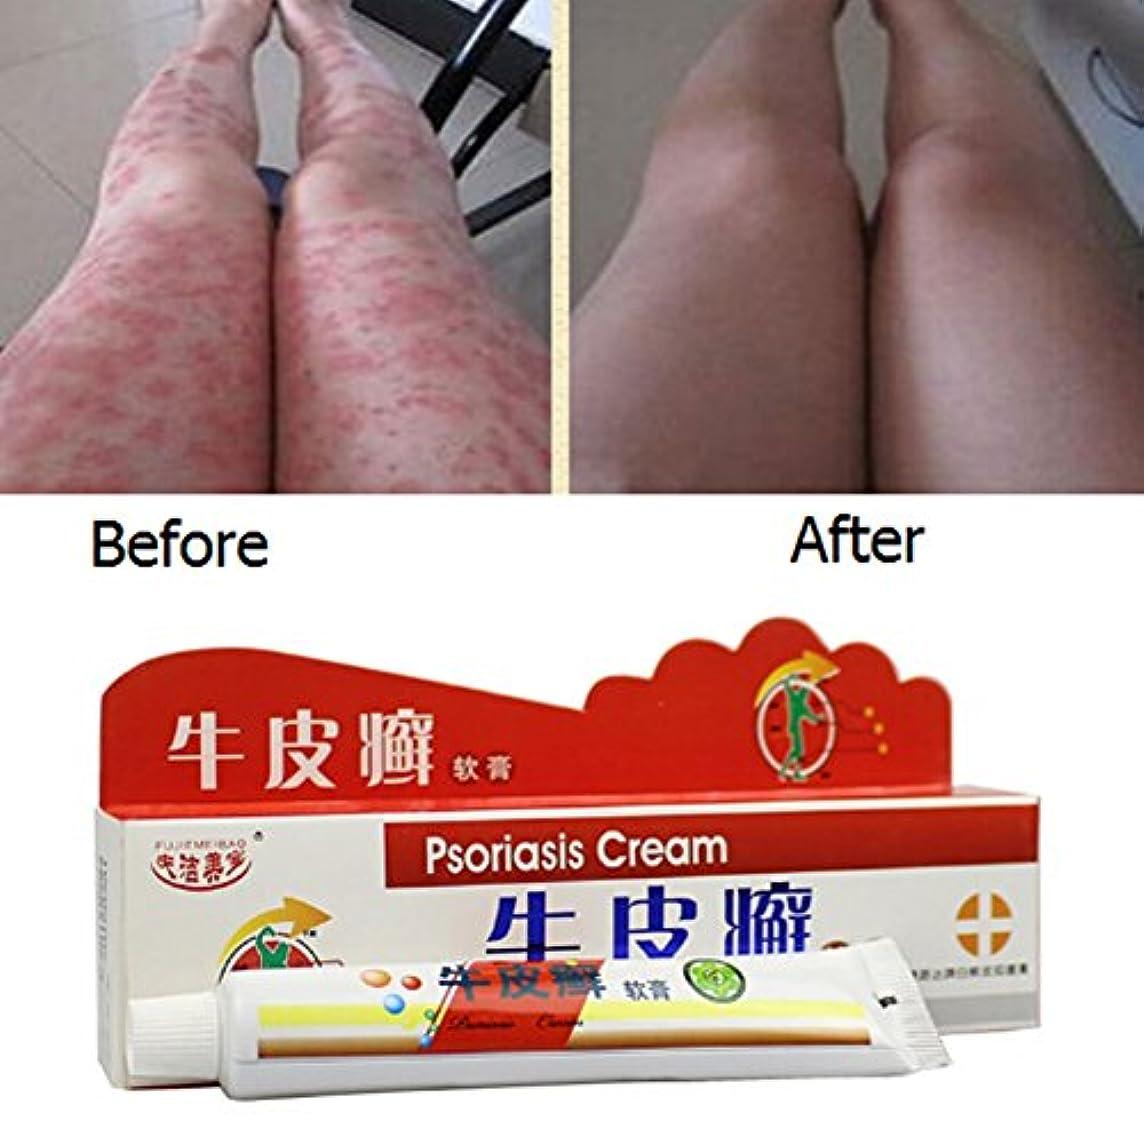 毒液退屈させる立場Balai 乾癬クリーム 中国のハーブ抗菌軟膏クリーム 湿疹乾癬 治療かゆみ止めクリーム